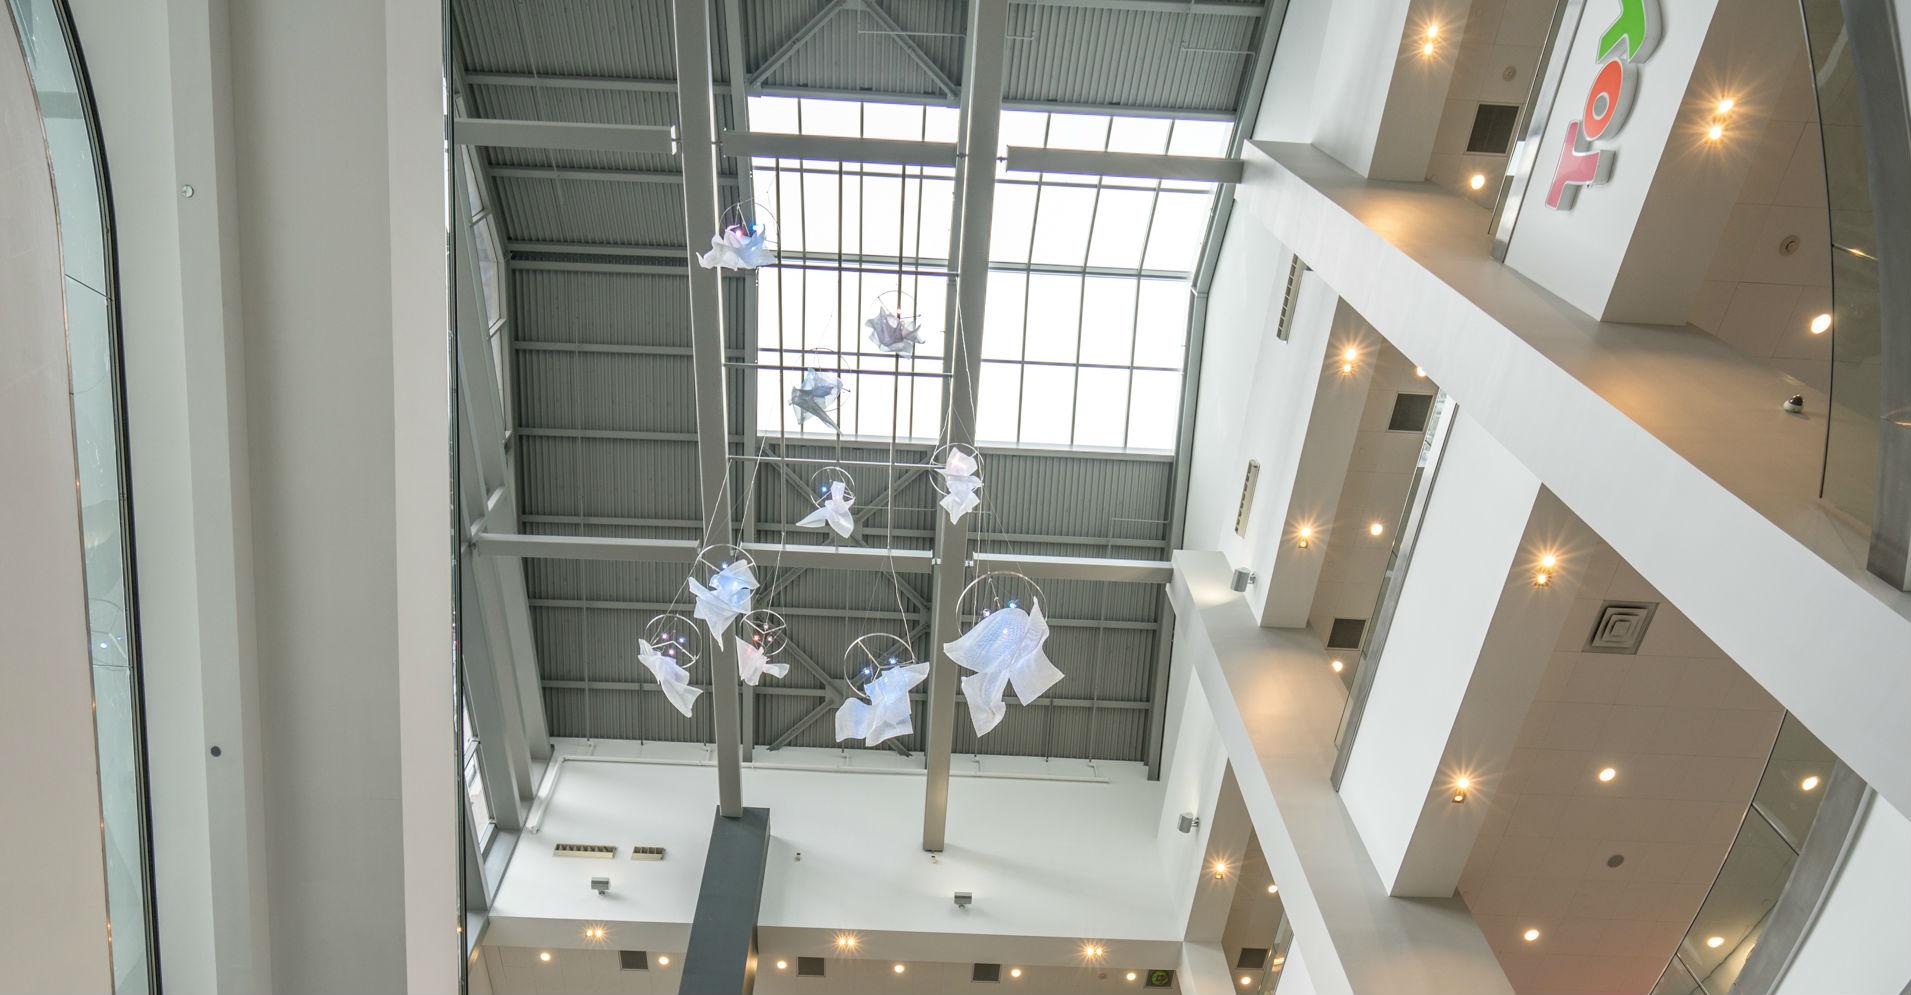 City center skylight